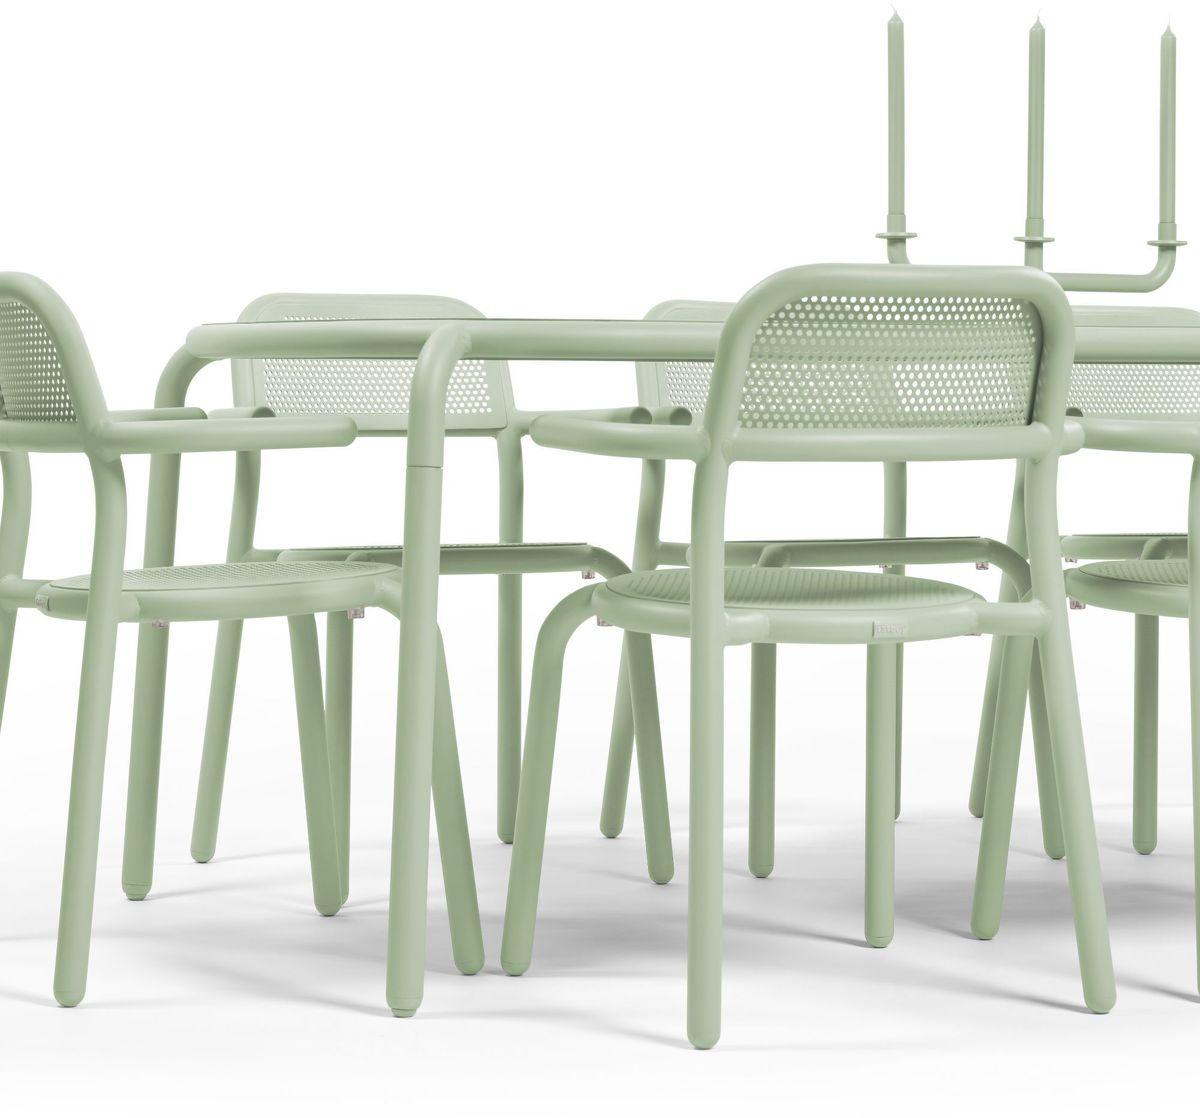 Table De Jardin Rectangulaire Verte Toni Tablo - Fatboy serapportantà Table De Jardin Verte